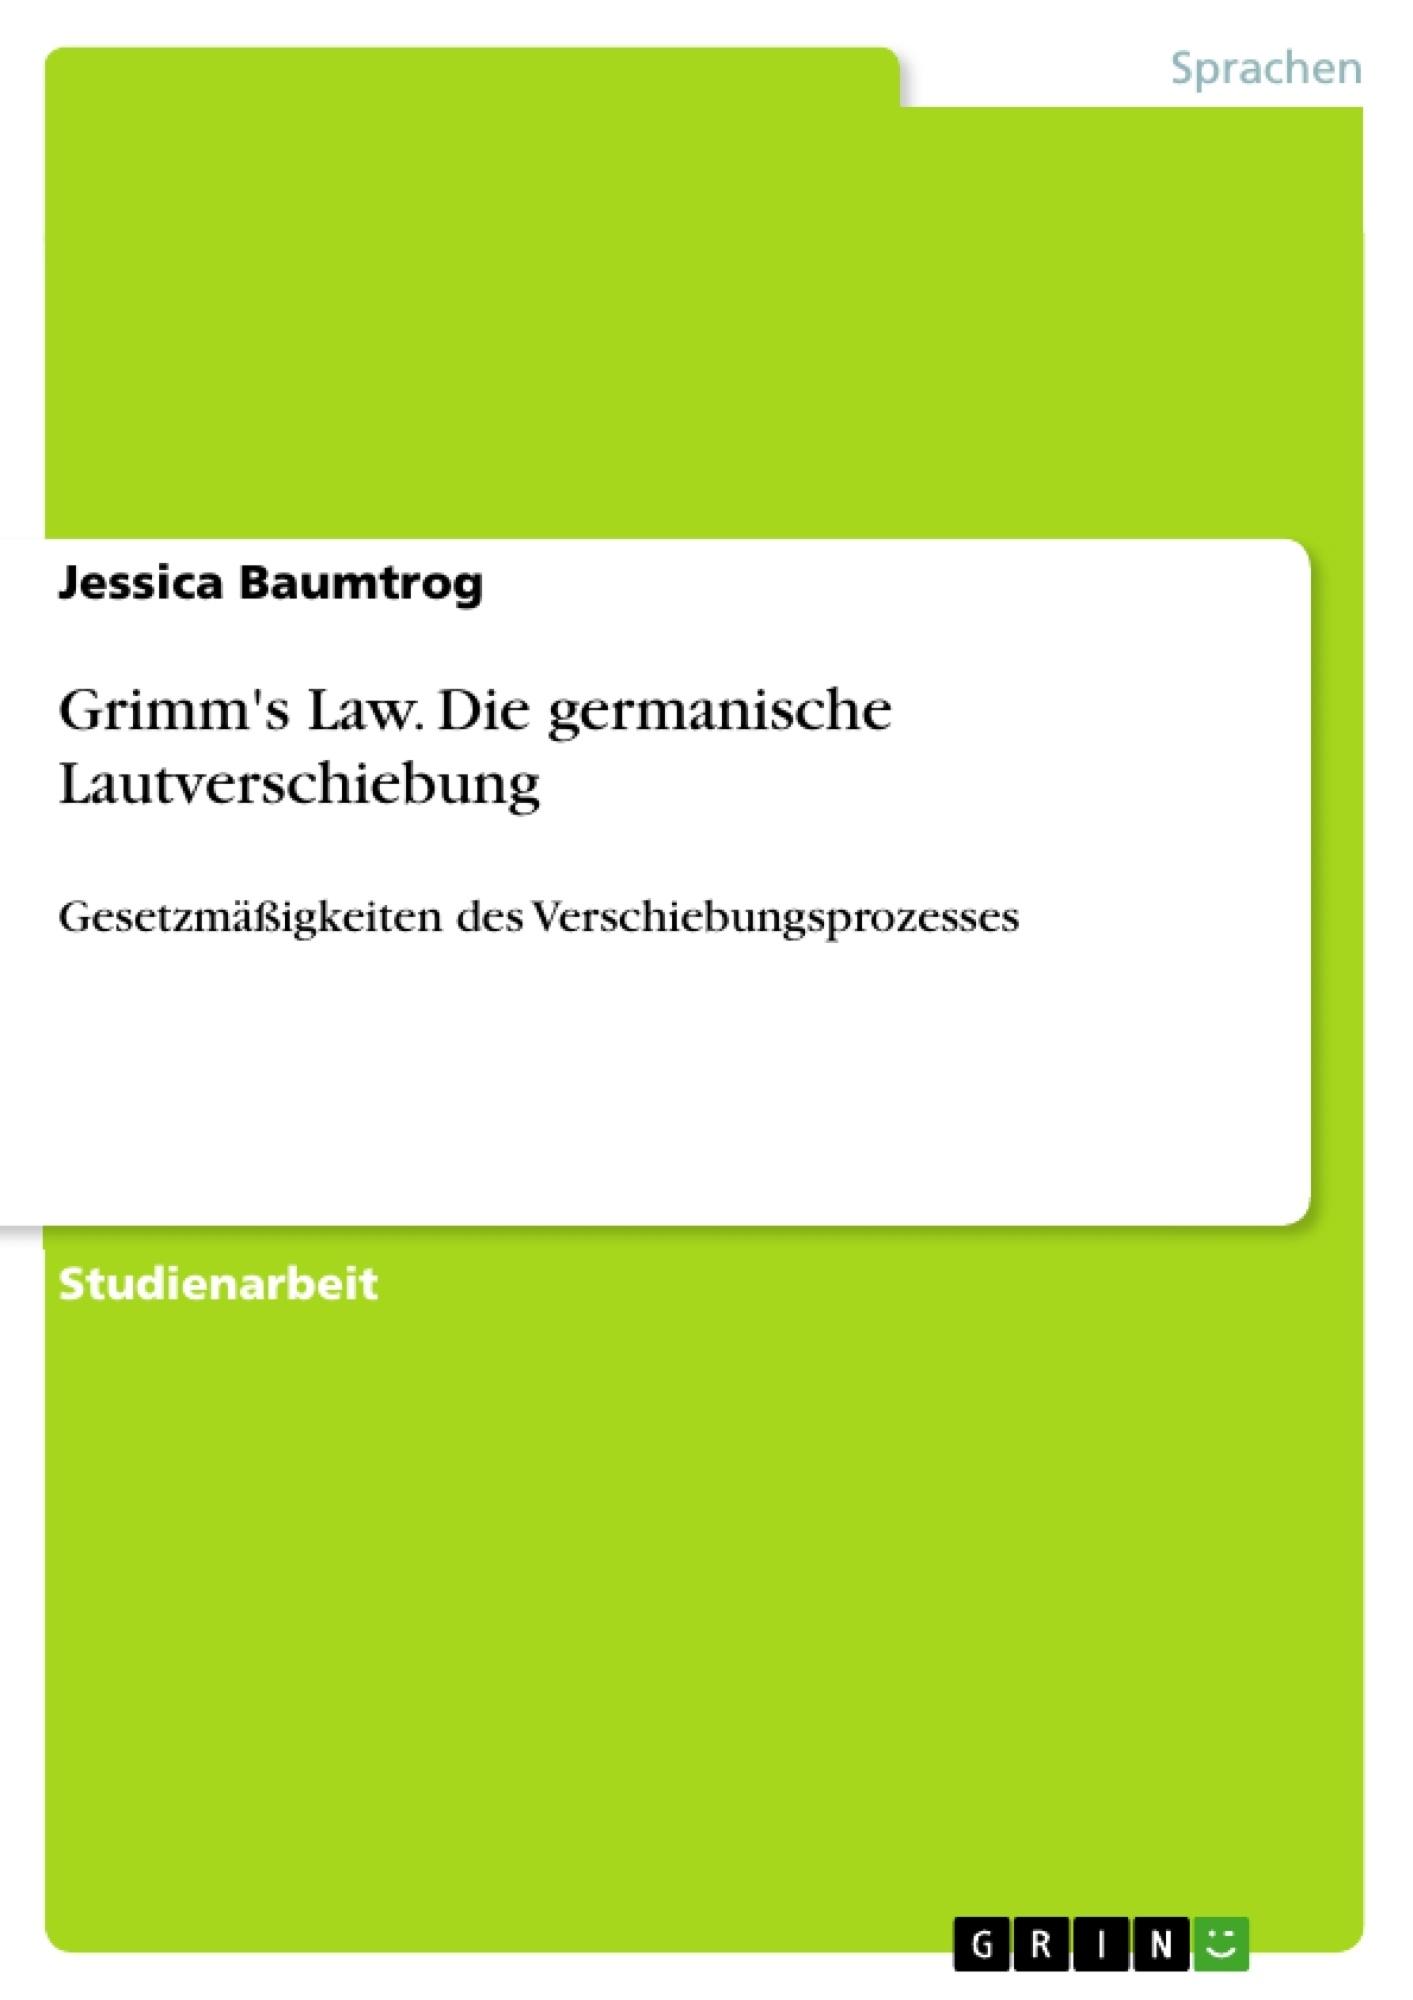 Titel: Grimm's Law. Die germanische Lautverschiebung